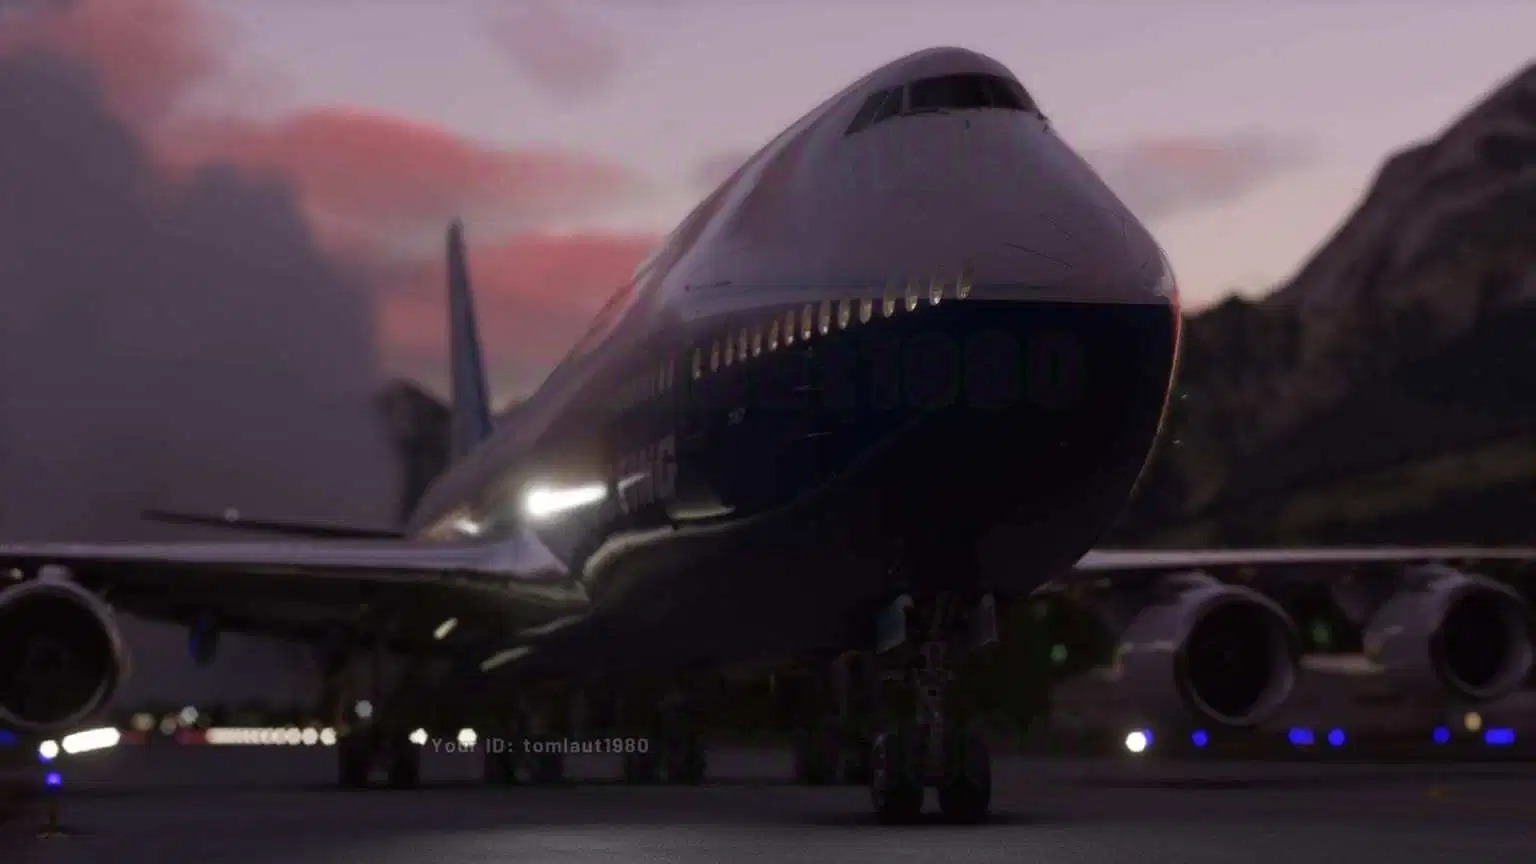 《微软飞行模拟》全新壮丽截图及视频分享